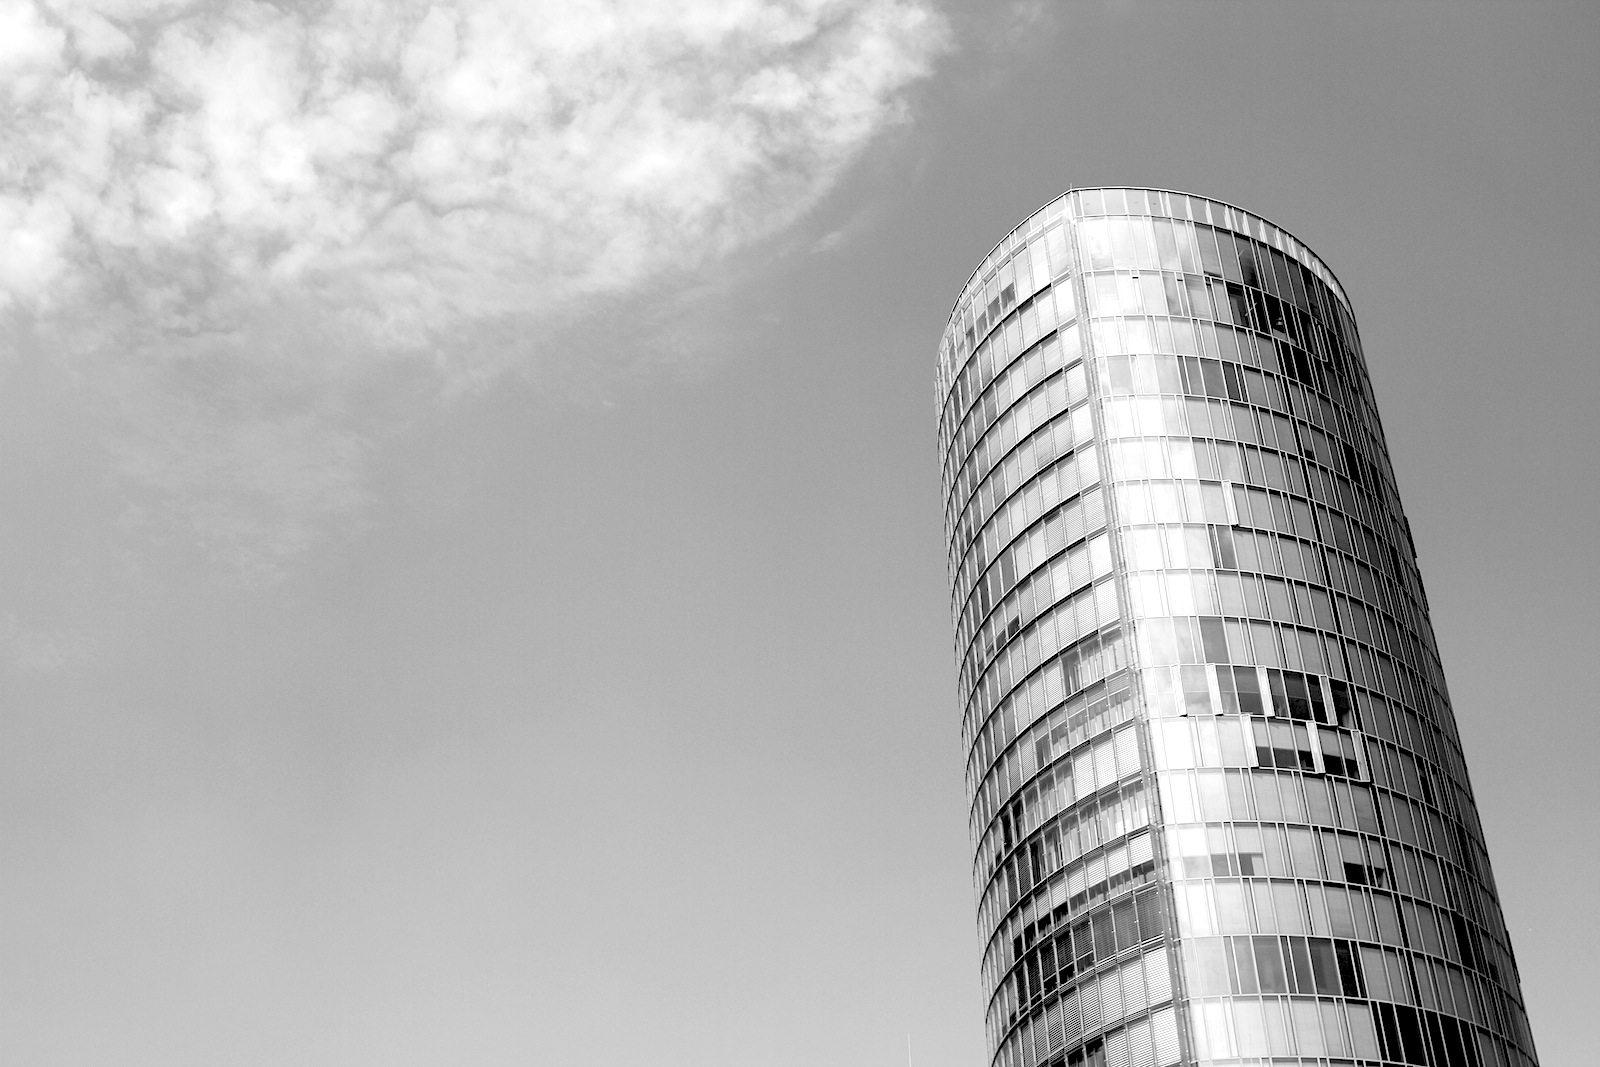 KölnTriangle. von Gatermann & Schossig. Fertigstellung 2006 und mit insgesamt 103 Meter Höhe eines der höchsten Bauten auf der rechten Rheinseite.